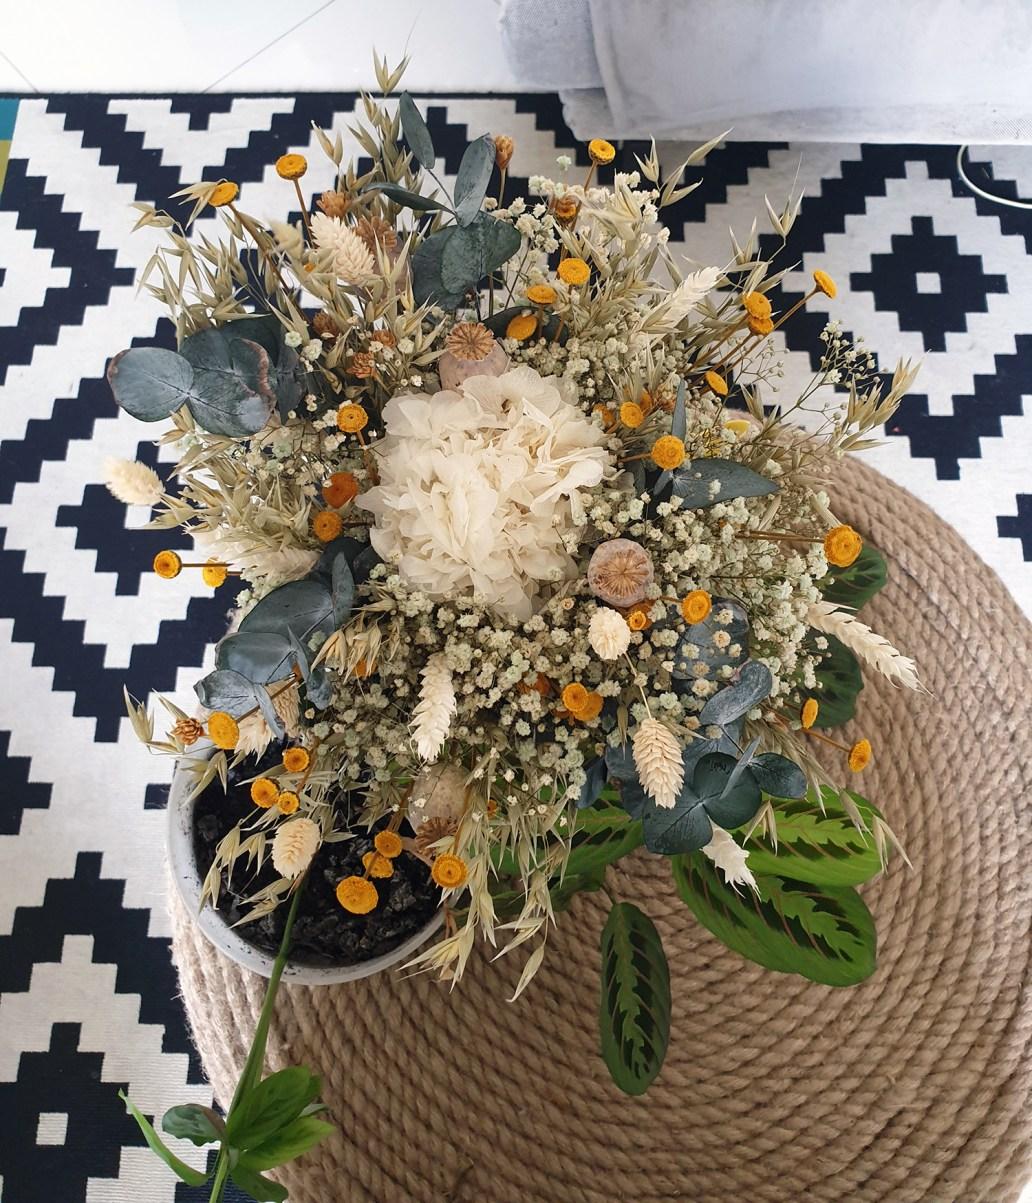 20201012 131558 - Laisser les fleurs séchées envahir la décoration